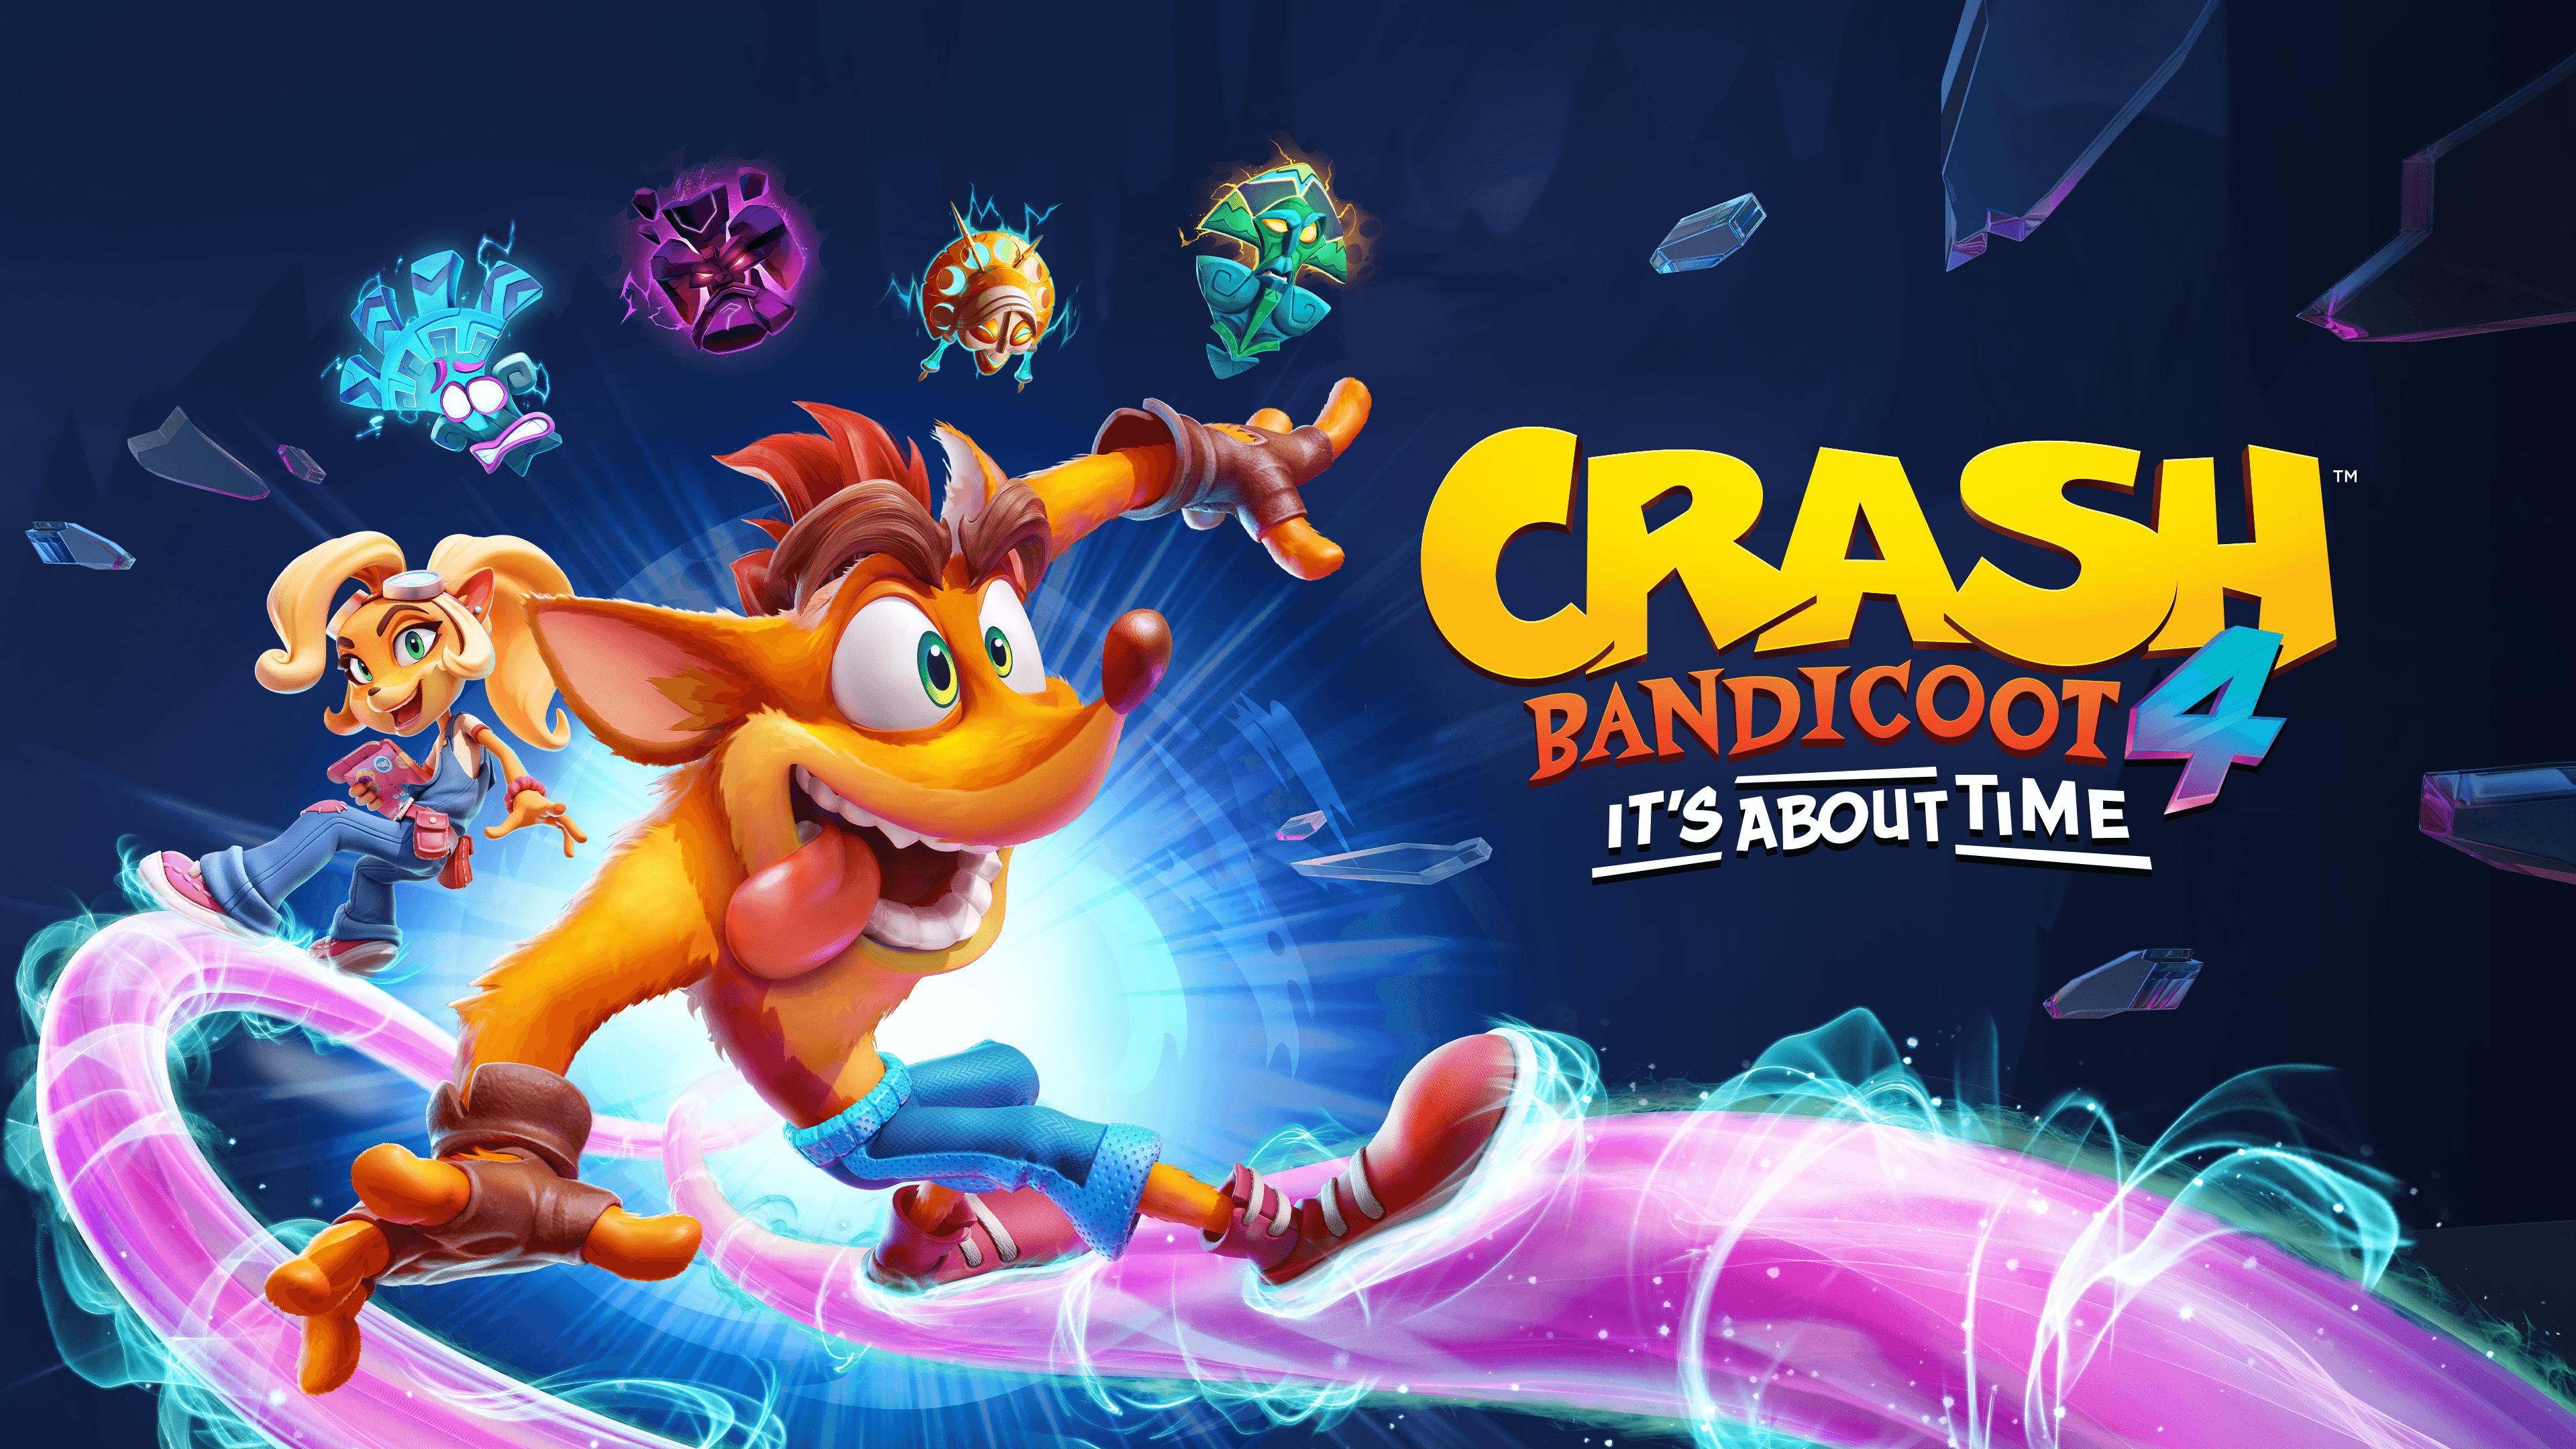 Crash Bandicoot 4: Это Вопрос Времени выходит на PlayStation 5, Xbox Series X|S и Nintendo Switch 5